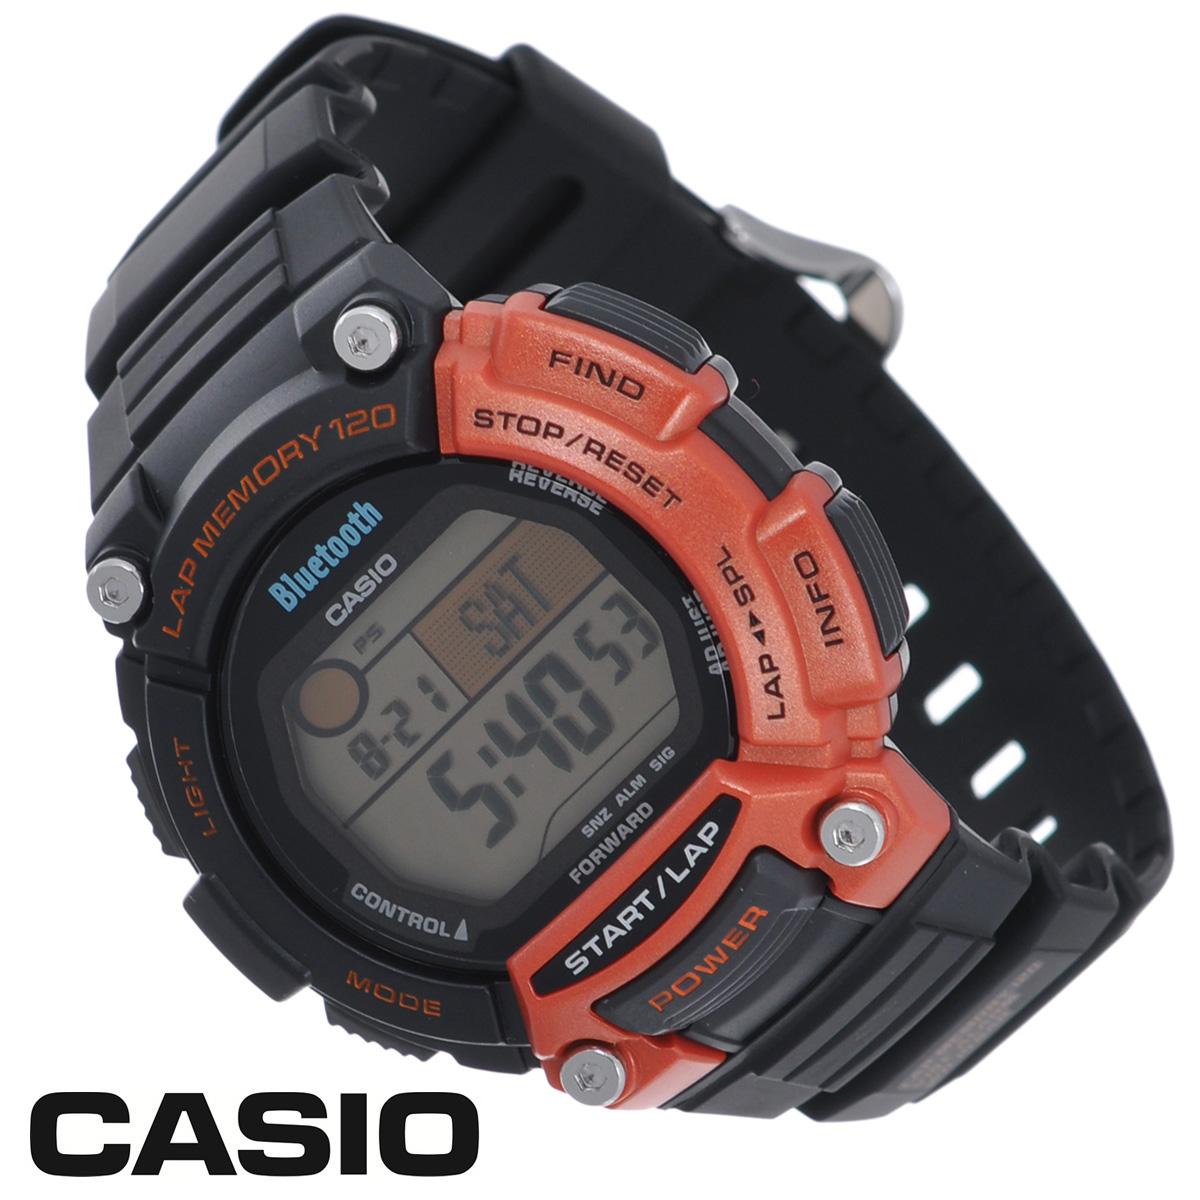 Часы мужские наручные Casio, цвет: черный, оранжевый. STB-1000-4ESTB-1000-4EСтильные часы от японского брэнда Casio - это яркий функциональный аксессуар для современных людей, которые стремятся выделиться из толпы и подчеркнуть свою индивидуальность. Часы выполнены в спортивном стиле. Часы оснащены японским кварцевым механизмом. Корпус часов изготовлен из пластика. ЖК-дисплей со светодиодной подсветкой защищен минеральным стеклом. Ремешок из пластика имеет классическую застежку. Основные функции: - будильник; - автоматический календарь (число, месяц, день недели, год); - индикатор заряда батареи; - секундомер с точностью показаний 1/100 с, время измерения 100 часов; - память на 120 кругов; - номер и лучшее время этапа; - 12-ти и 24-х часовой формат времени; - таймер обратного отсчета от 1 с до 100 ч; - функция включения/отключения звука; - мировое время; - функция автоподсветки циферблата при повороте...